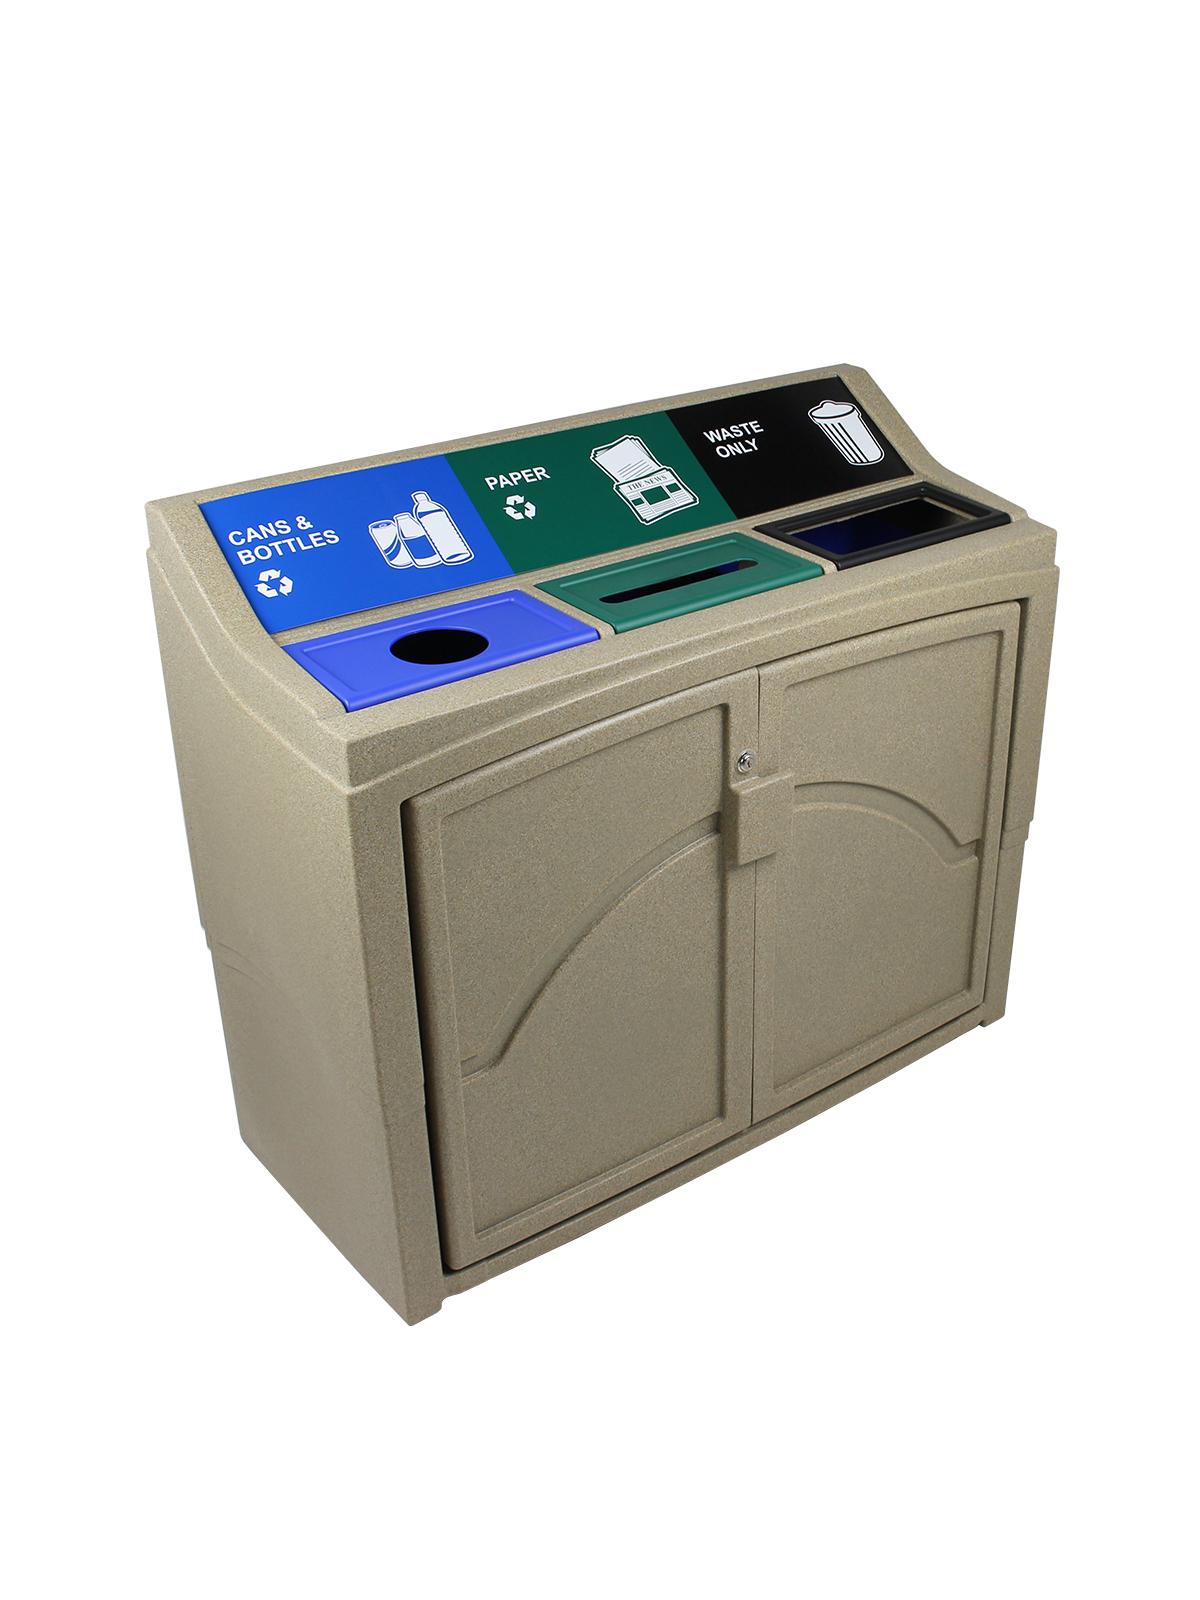 PAVILION - Triple - Cans & Bottles-Paper-Waste - Circle-Slot-Full - Sandstone